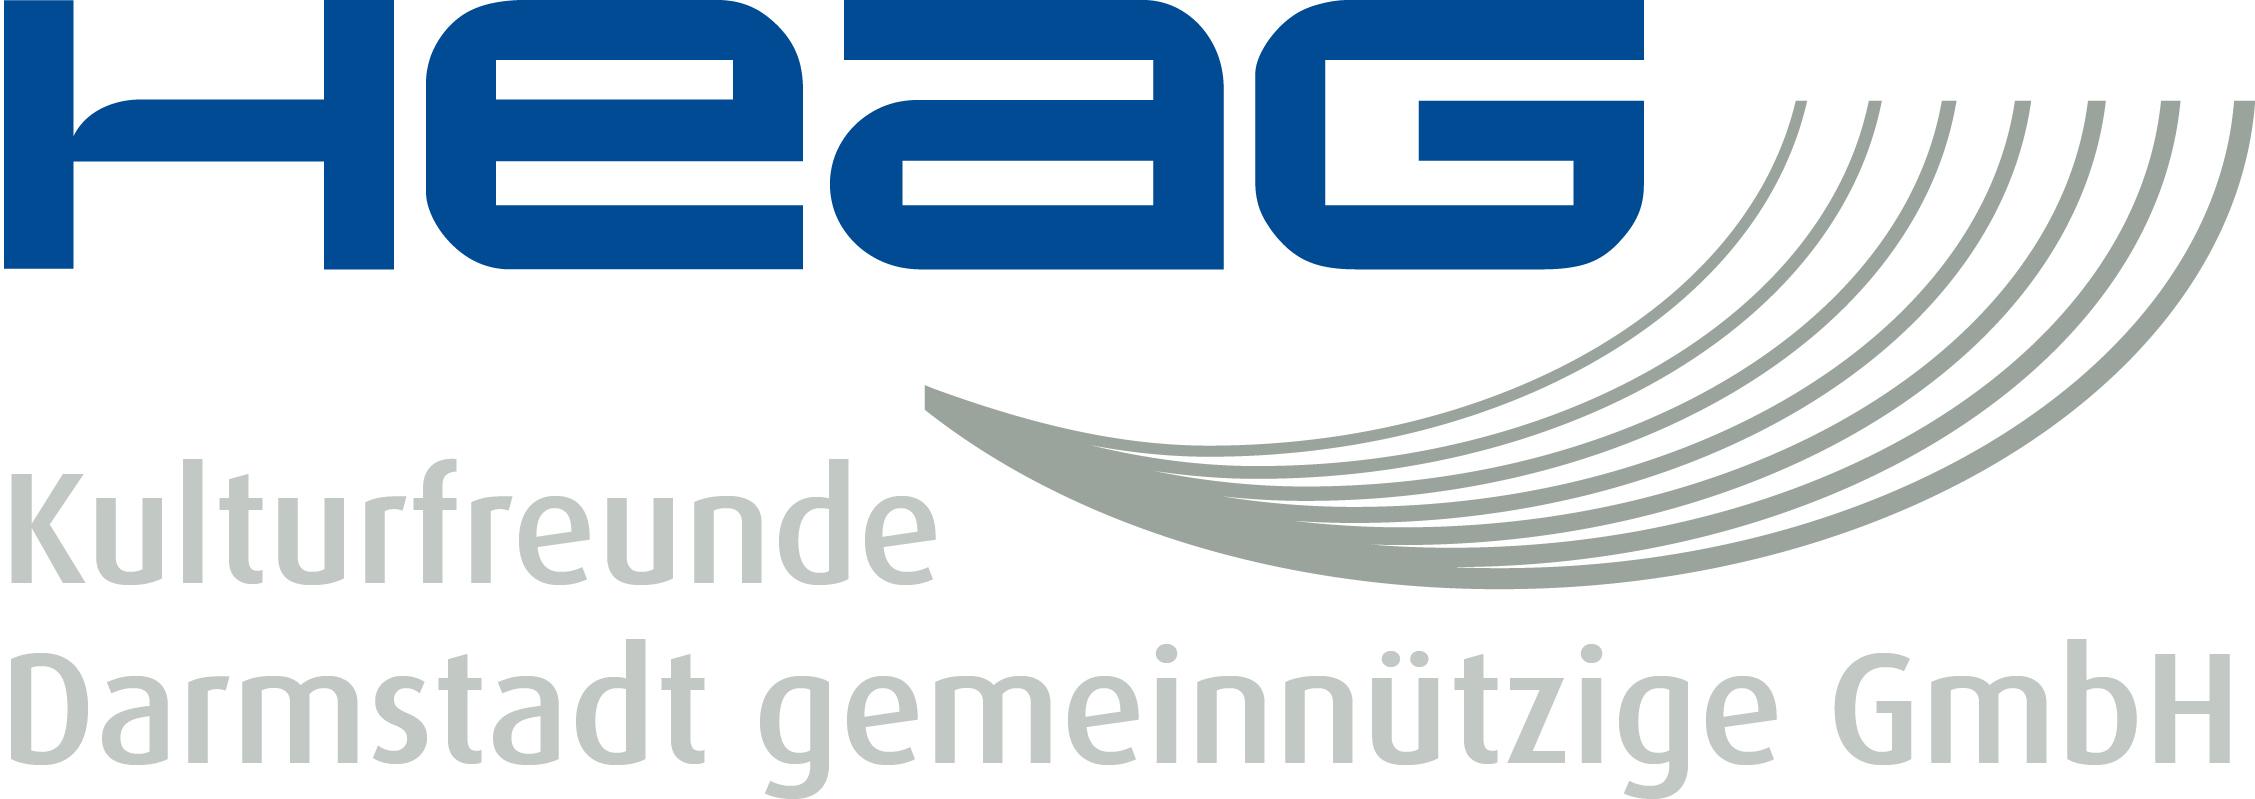 Logo-Kulturfreunde